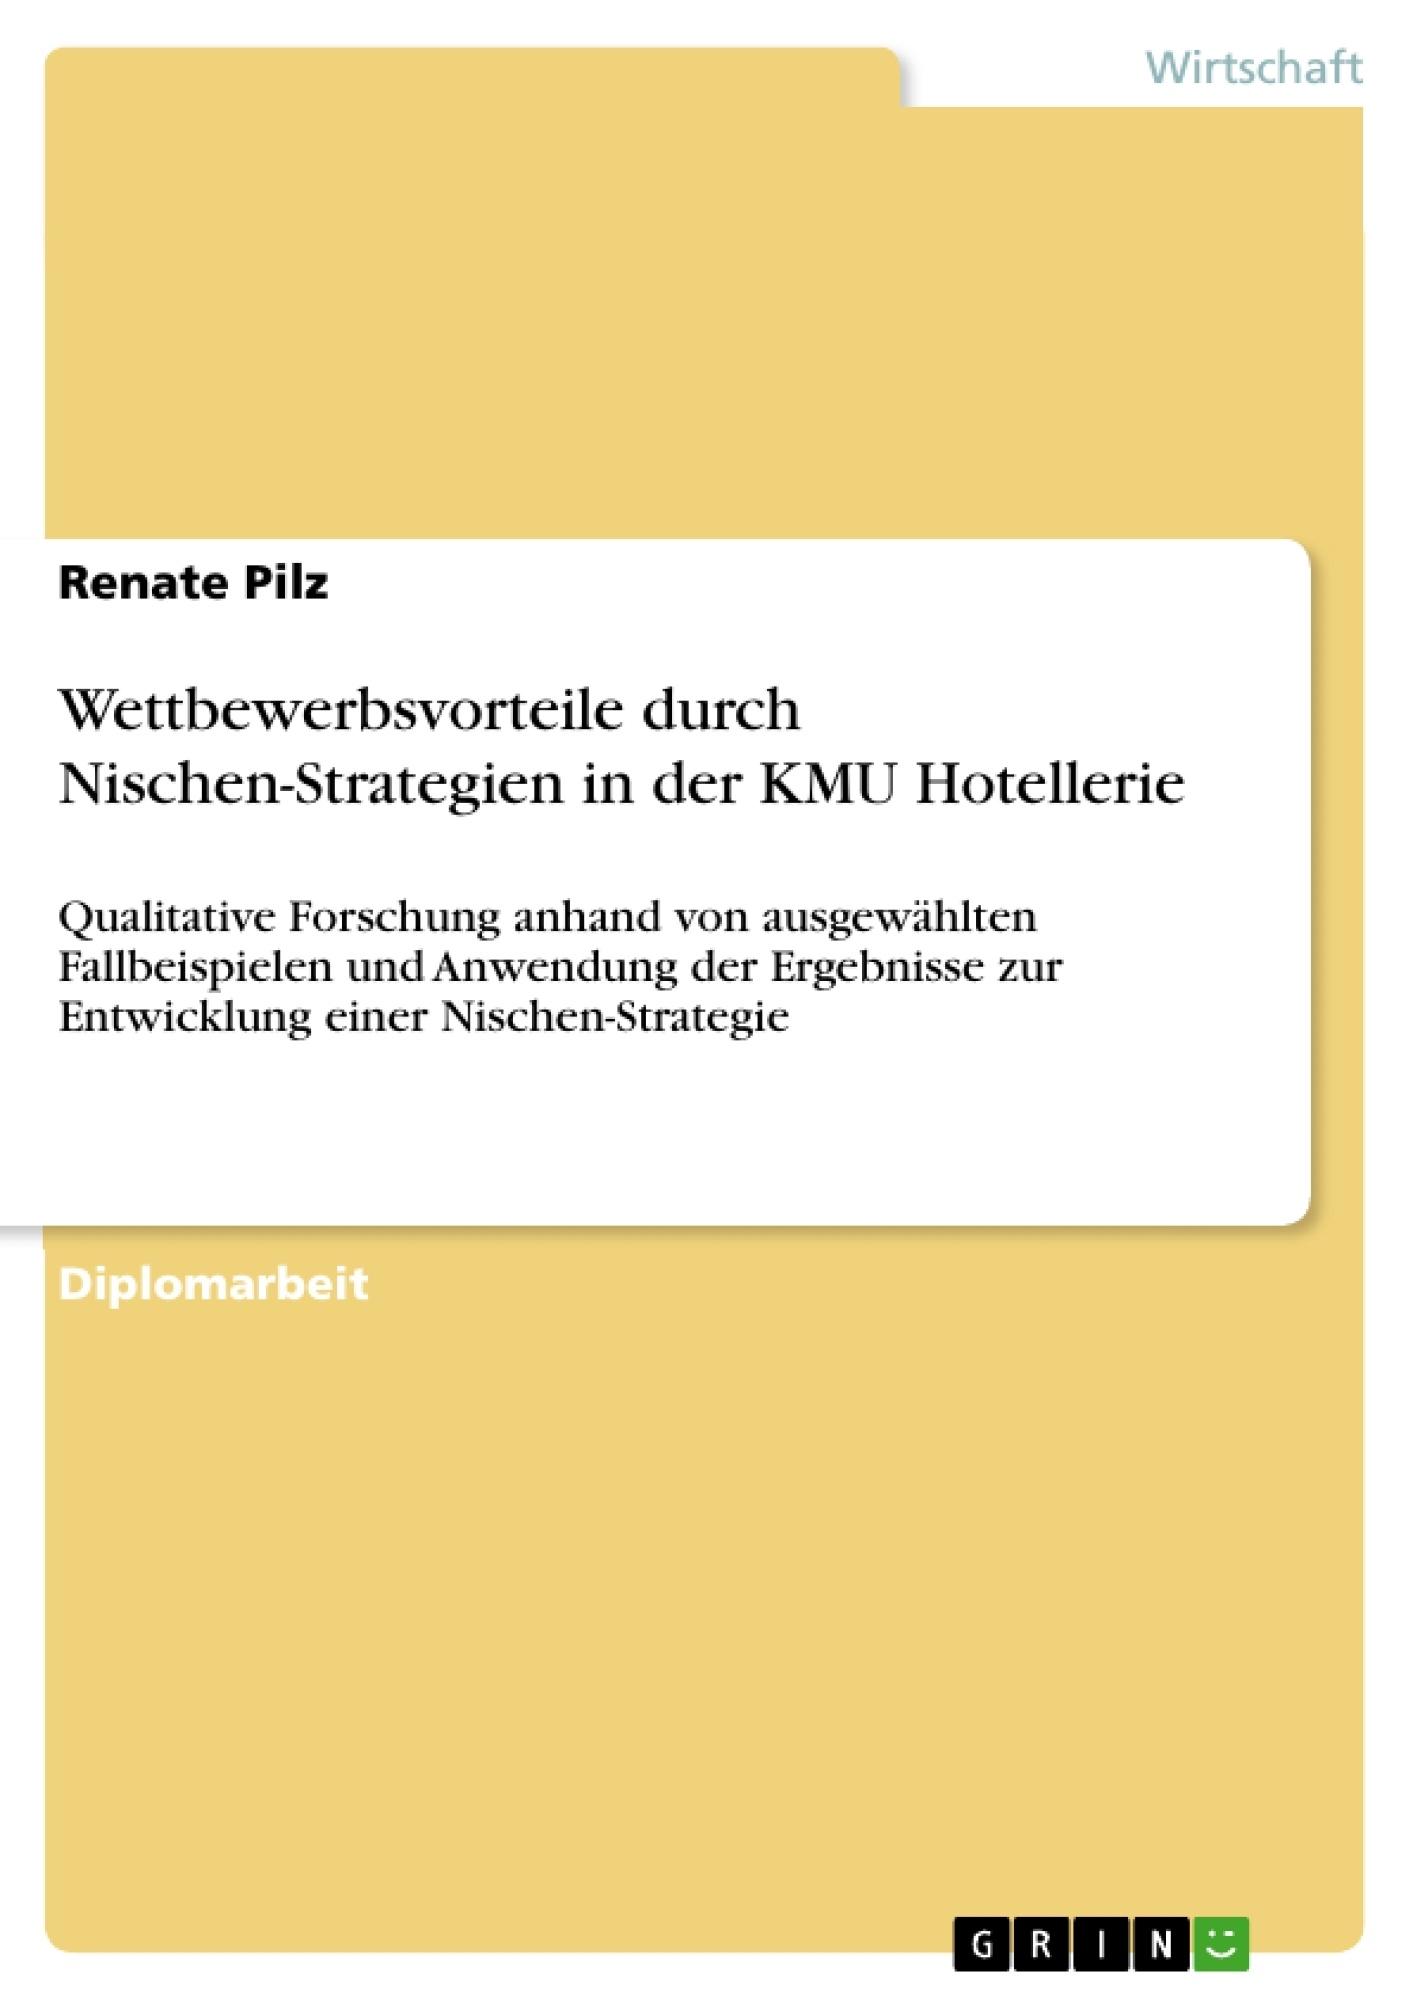 Titel: Wettbewerbsvorteile durch Nischen-Strategien in der KMU Hotellerie